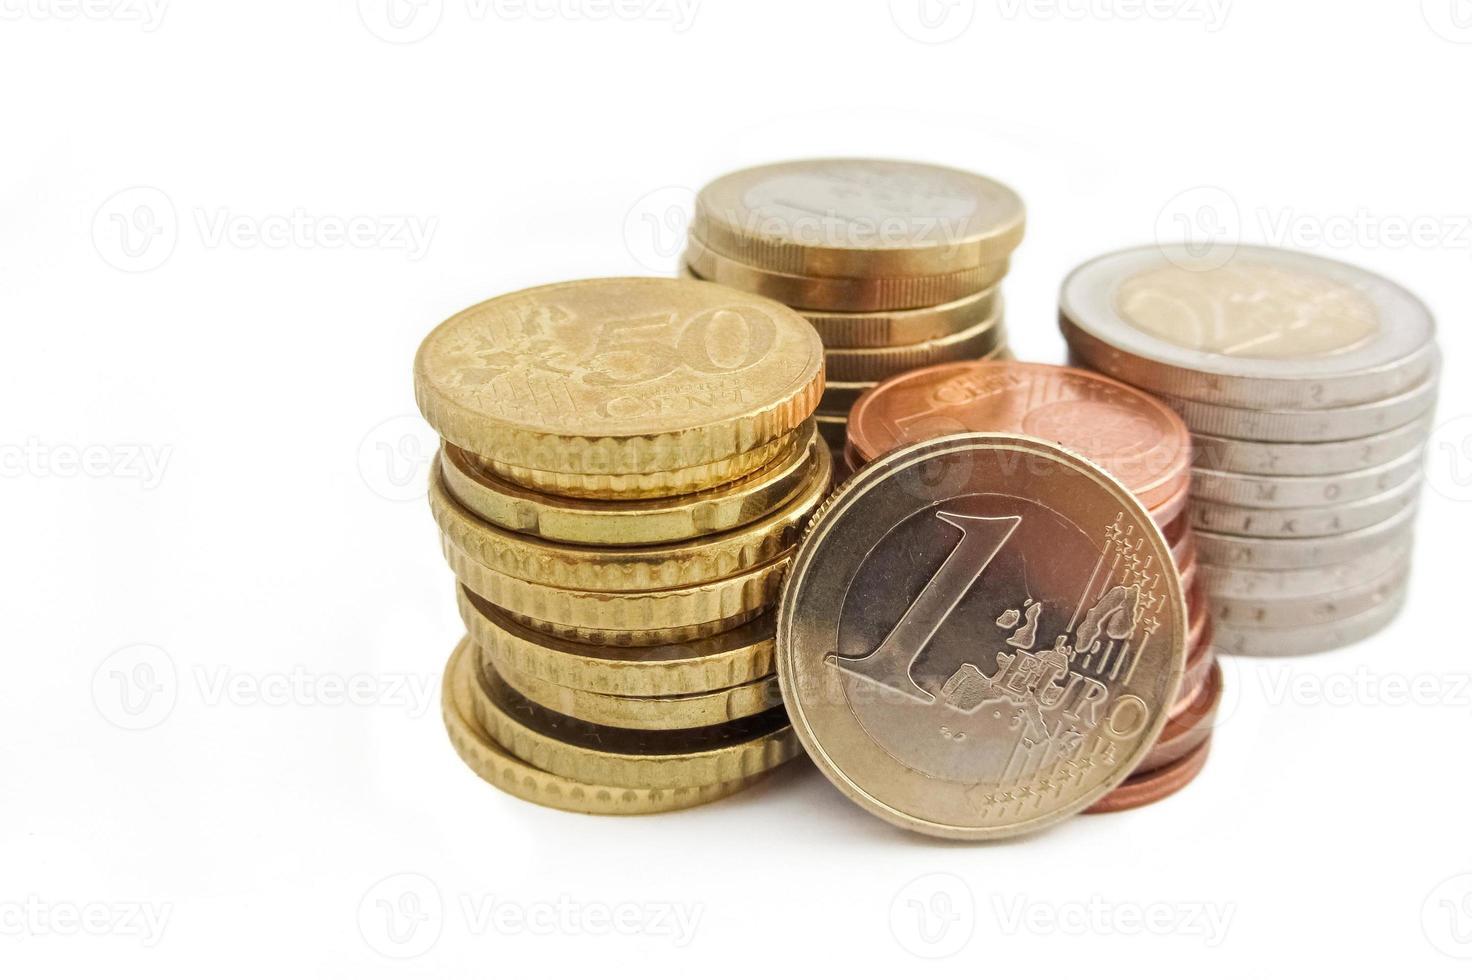 stapel europese euromunten op de achtergrond foto